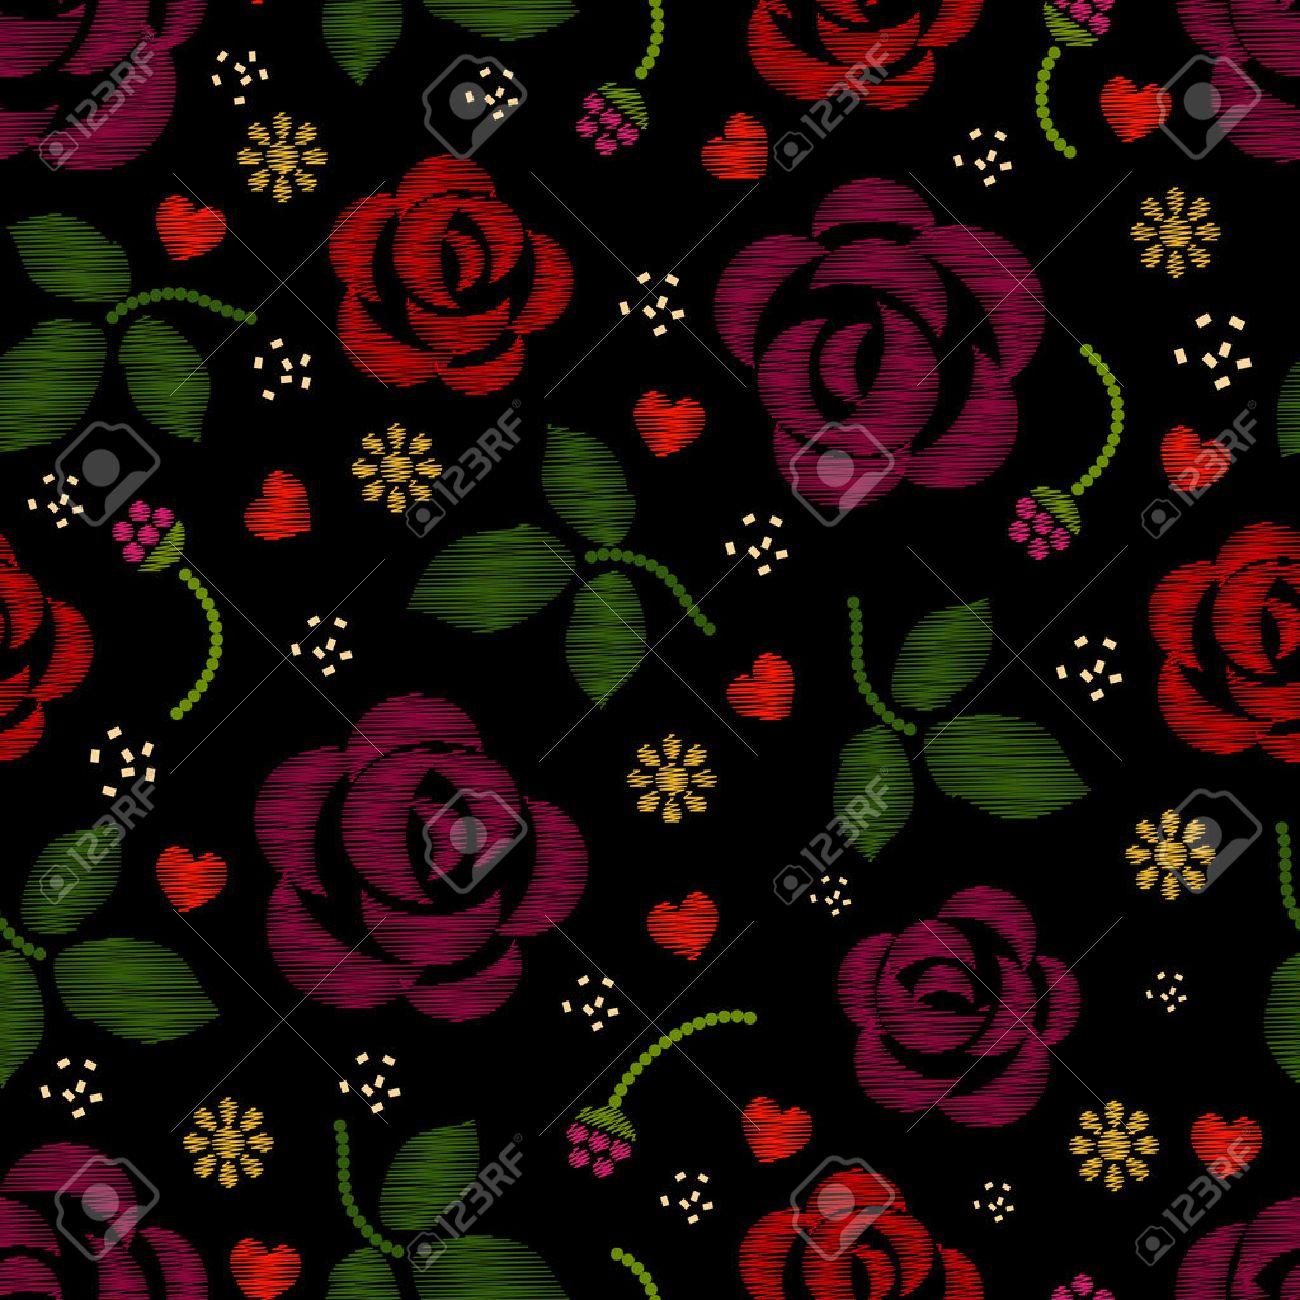 Patrón De Bordado Con Flores Rosas. Fondo Bordado De Flores Y Patrón ...